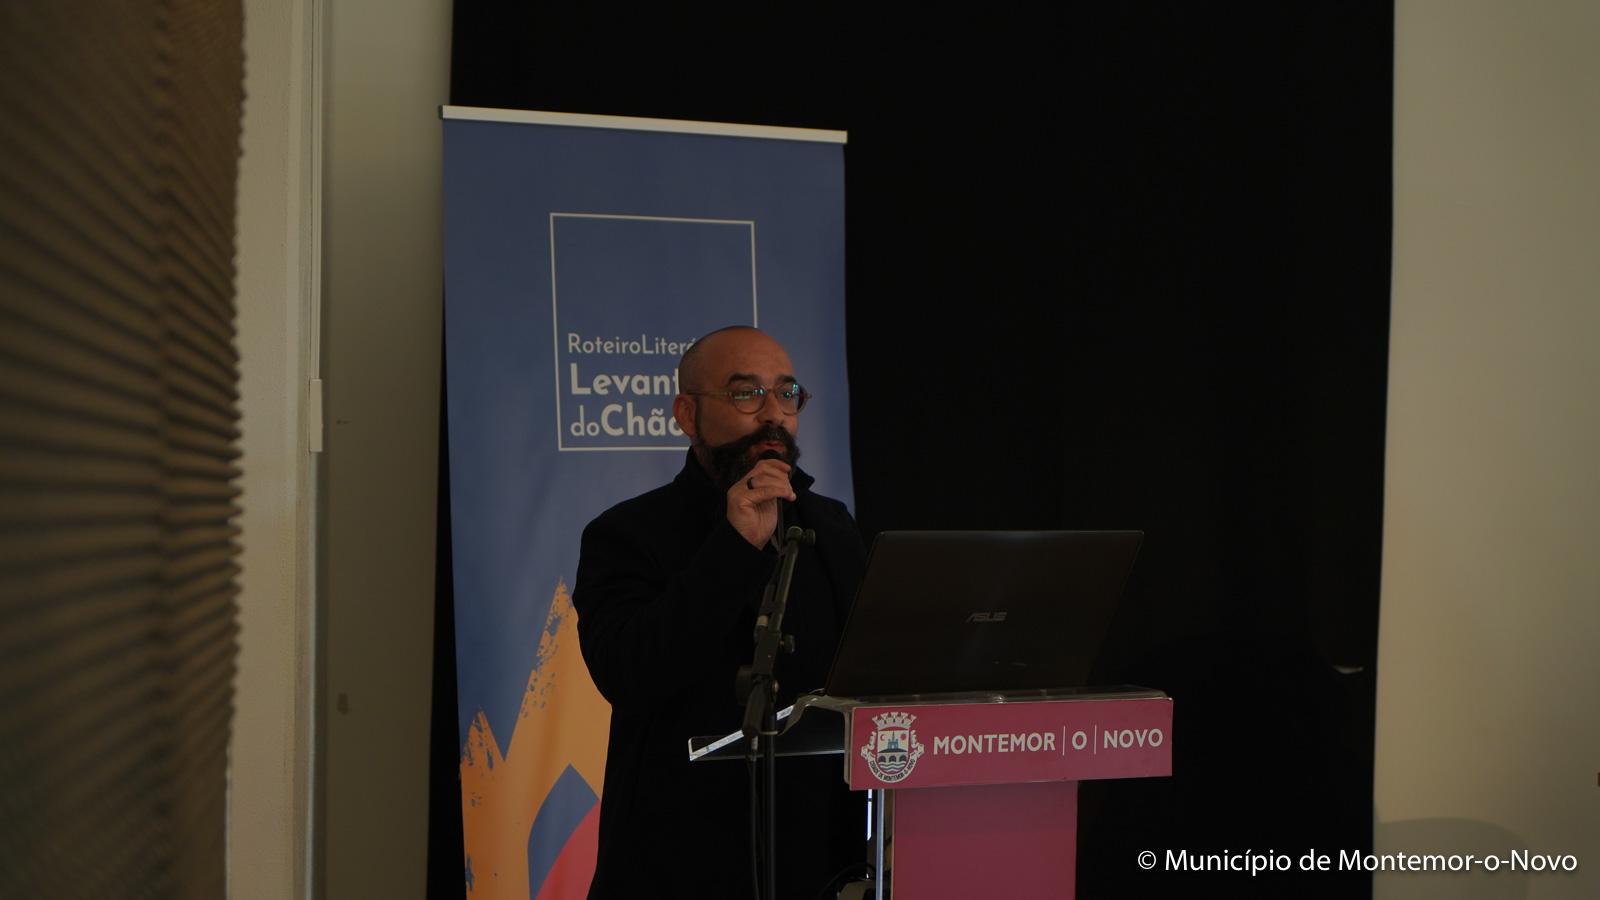 Sérgio Letria, Diretor da Fundação Saramago